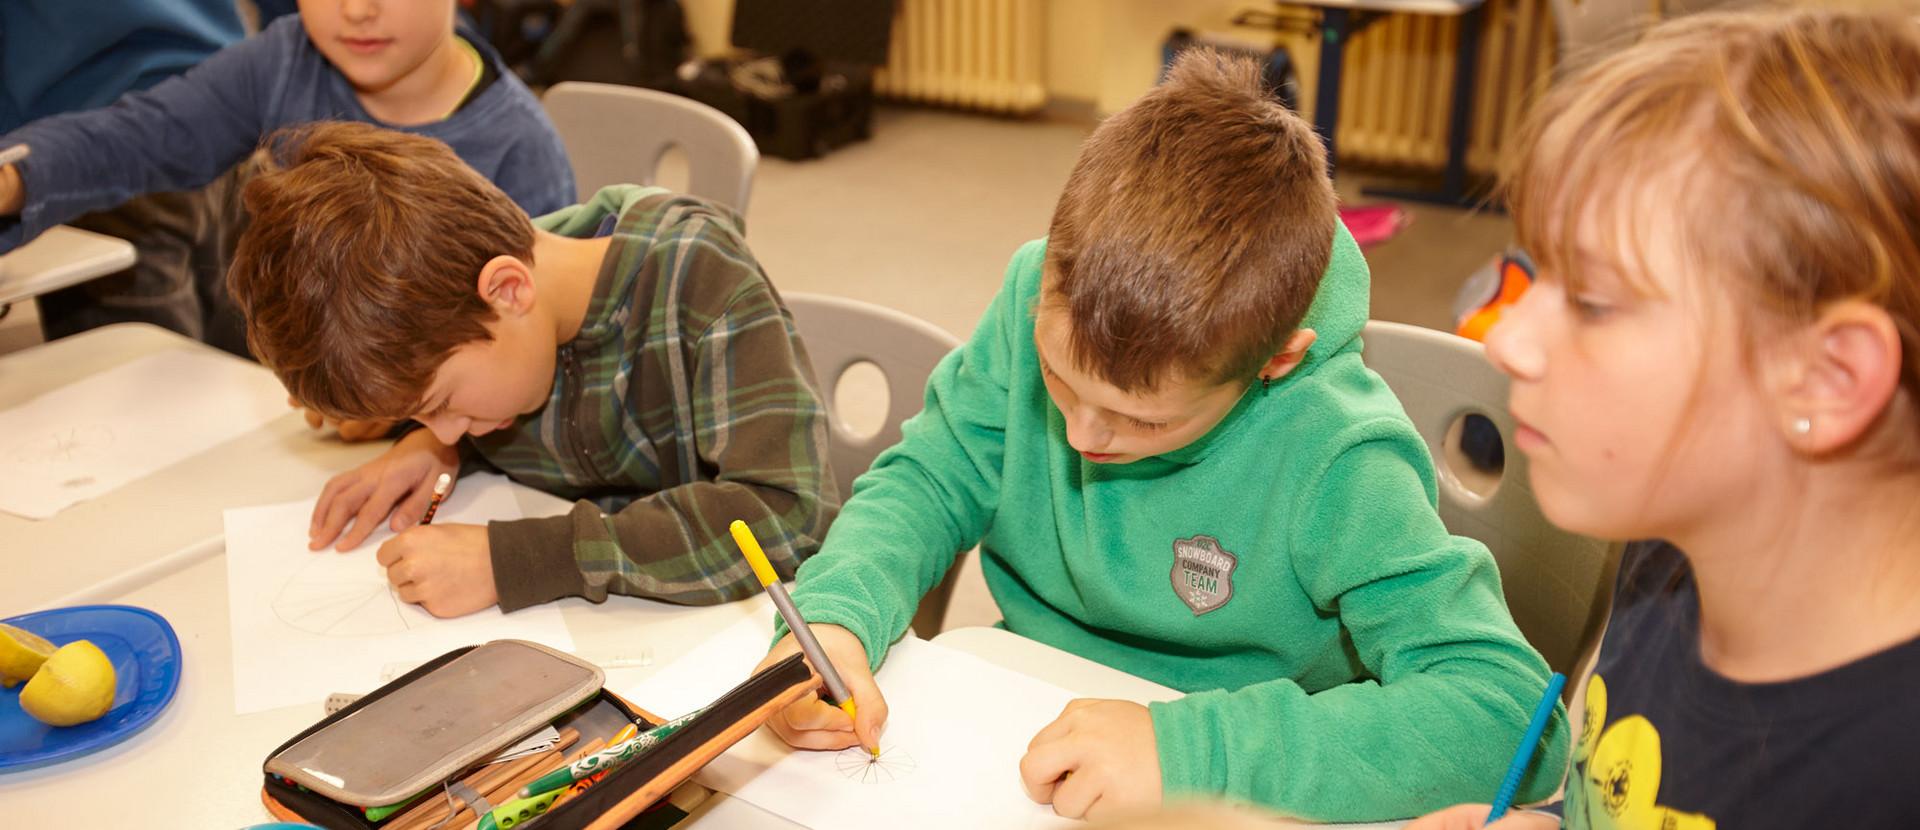 Kinder malen am Tisch